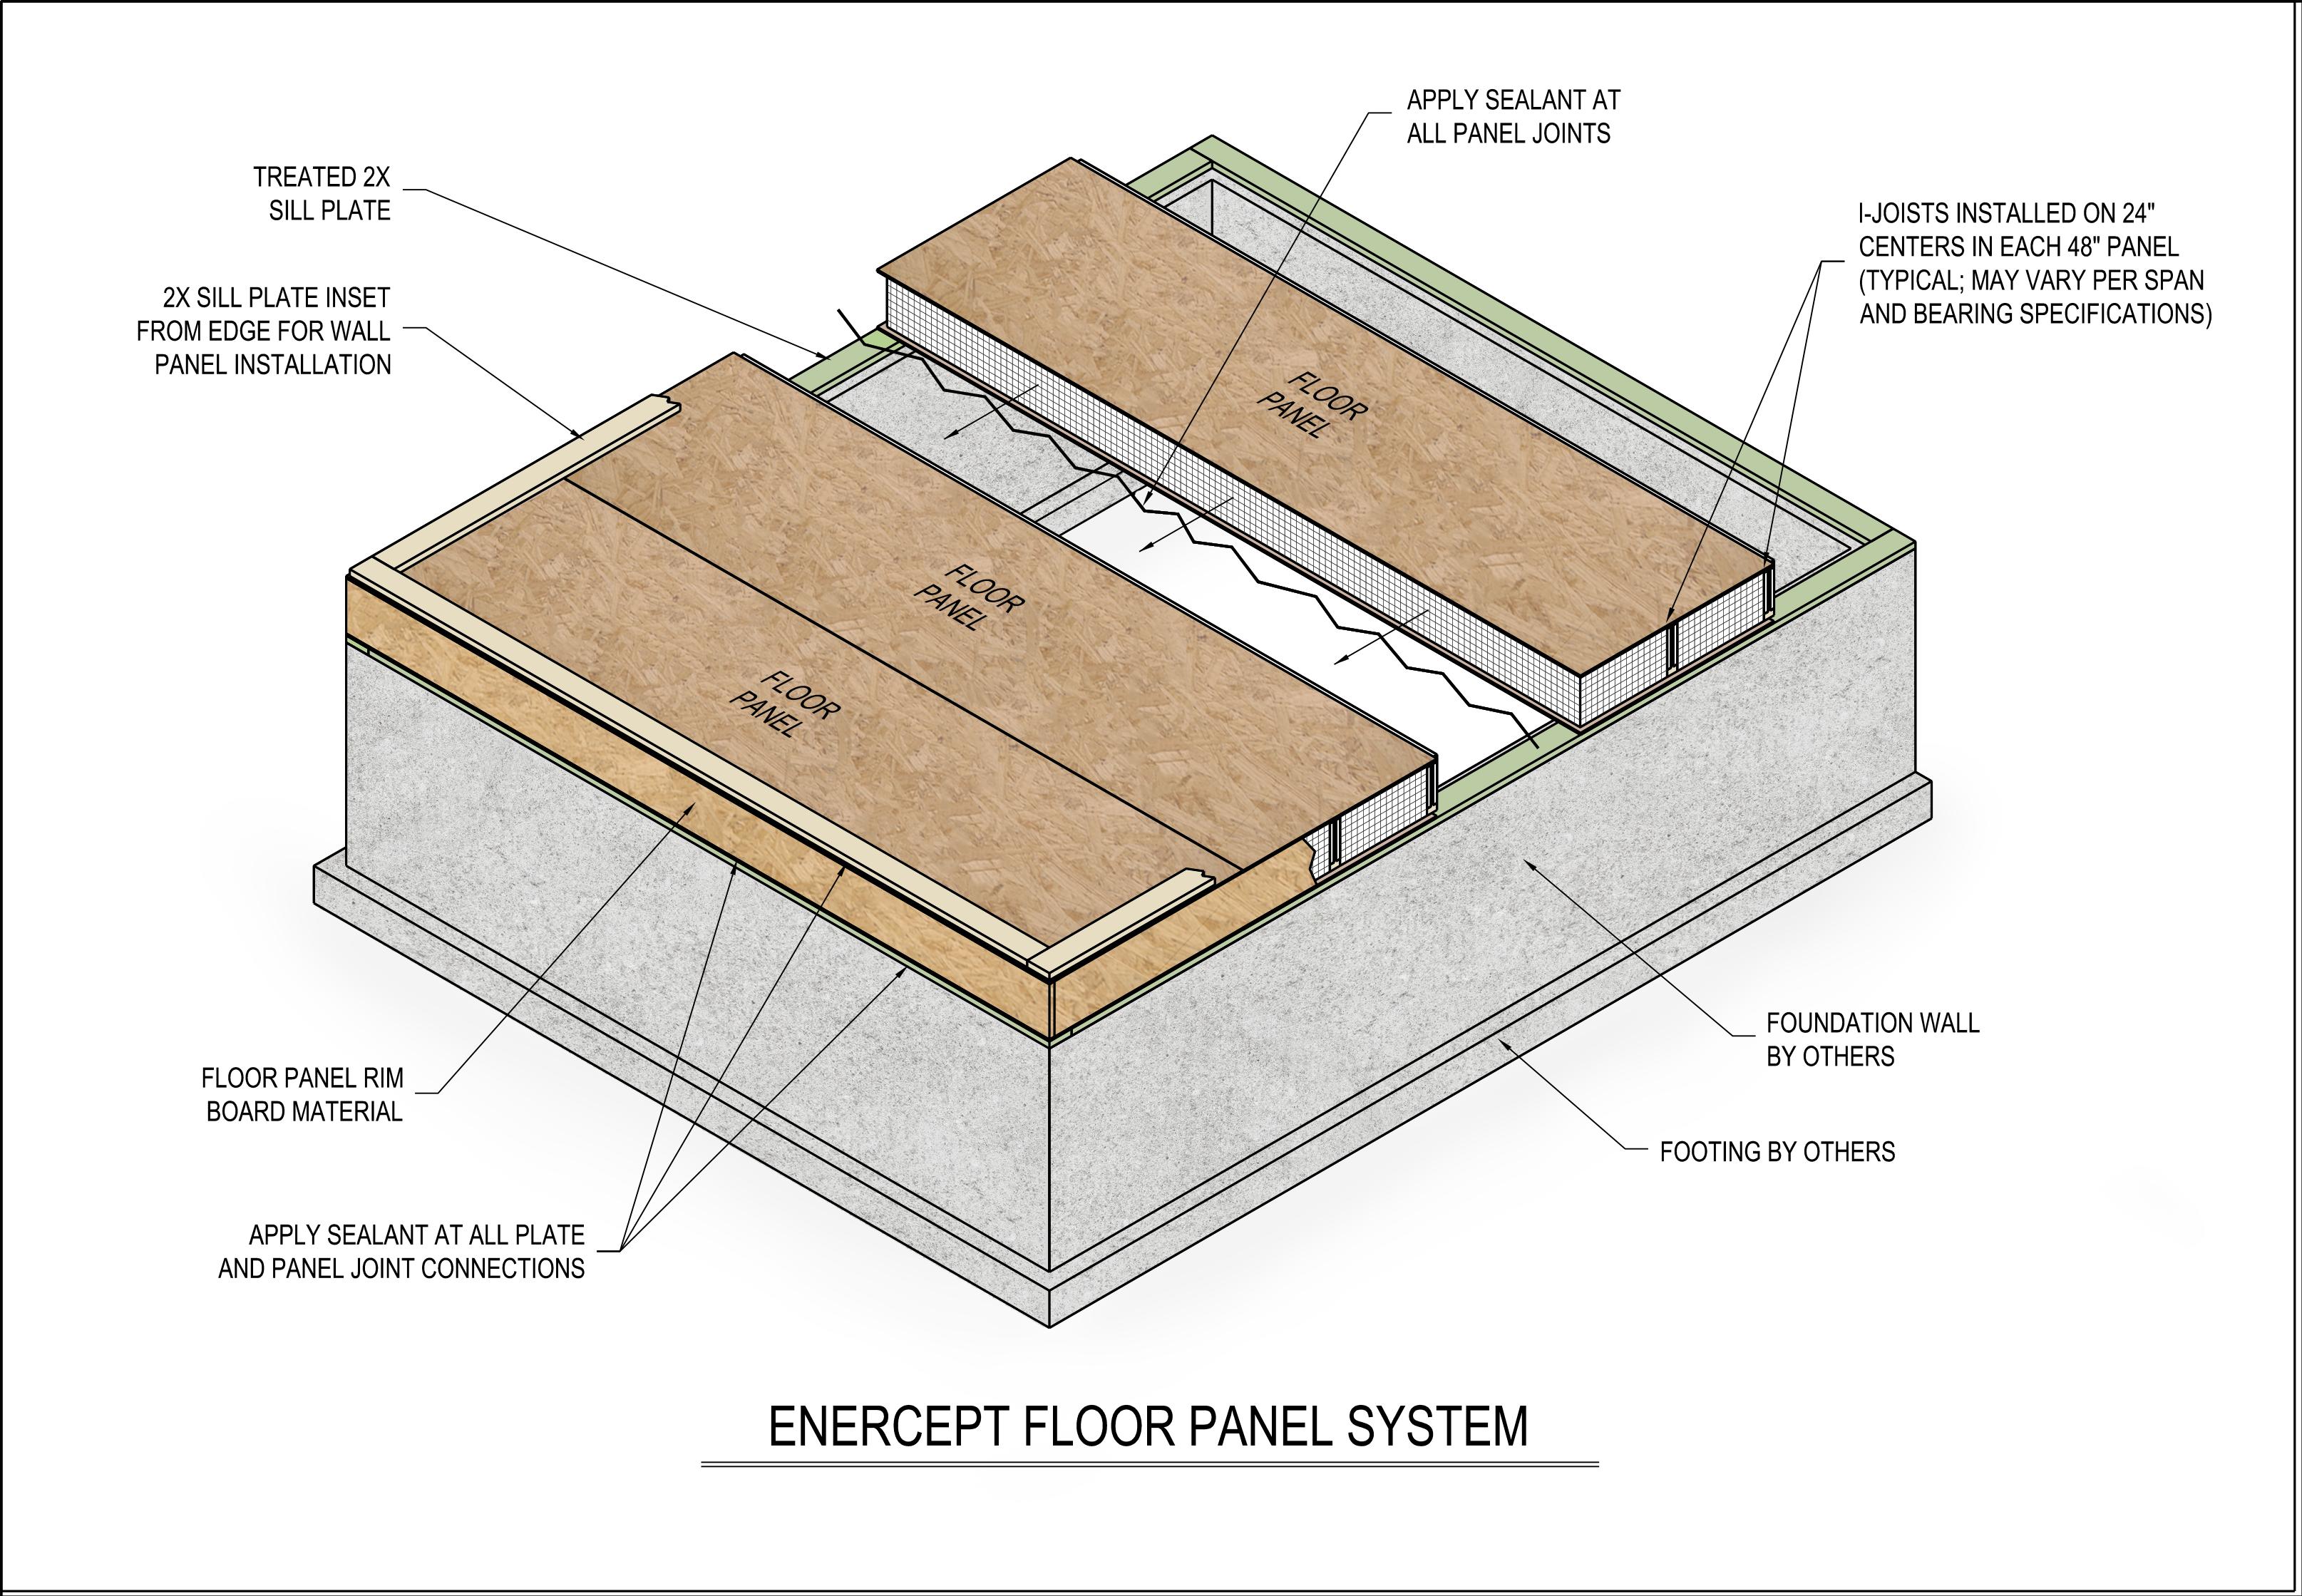 Enercept Floor Layout